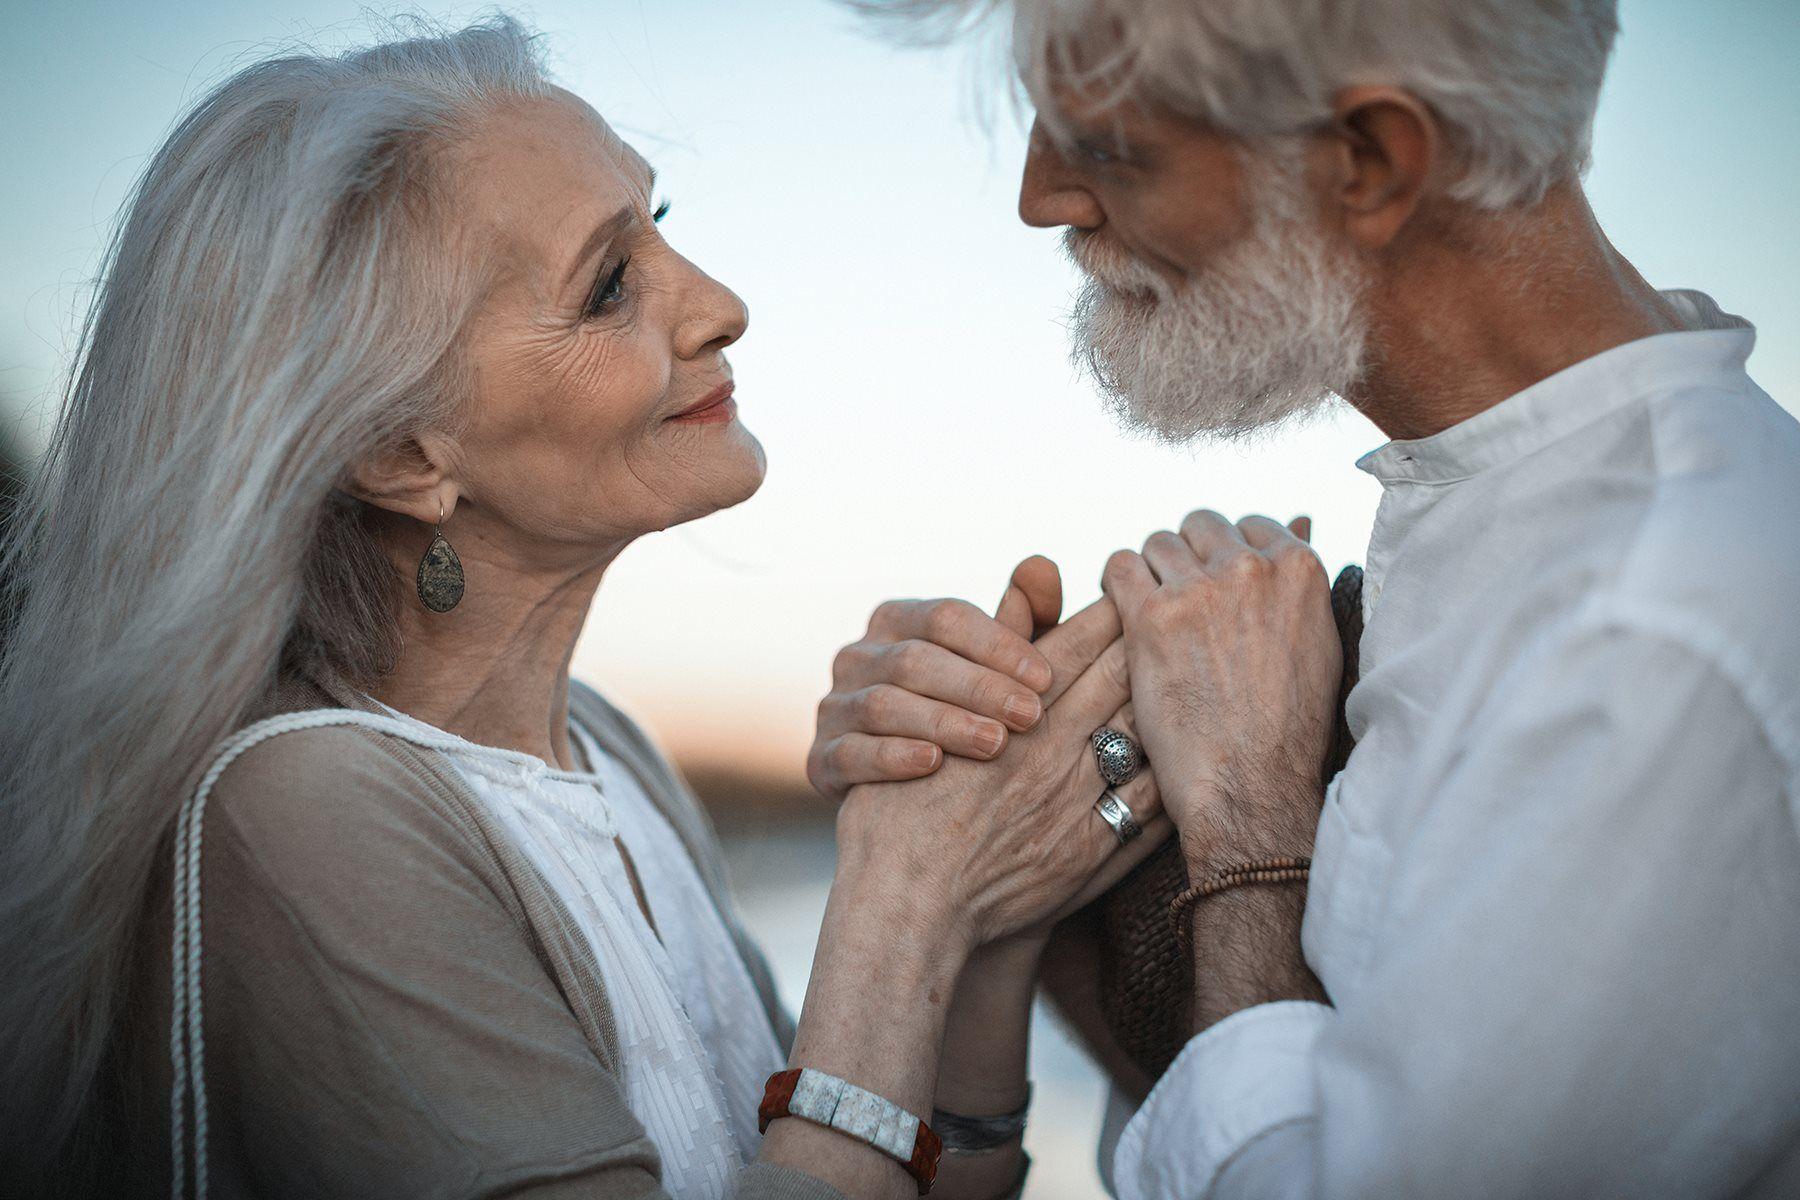 Te-a părăsit și ai peste 50 de ani? Iată cum te poți reîndrăgosti la această vârstă… Răbdarea face totul!